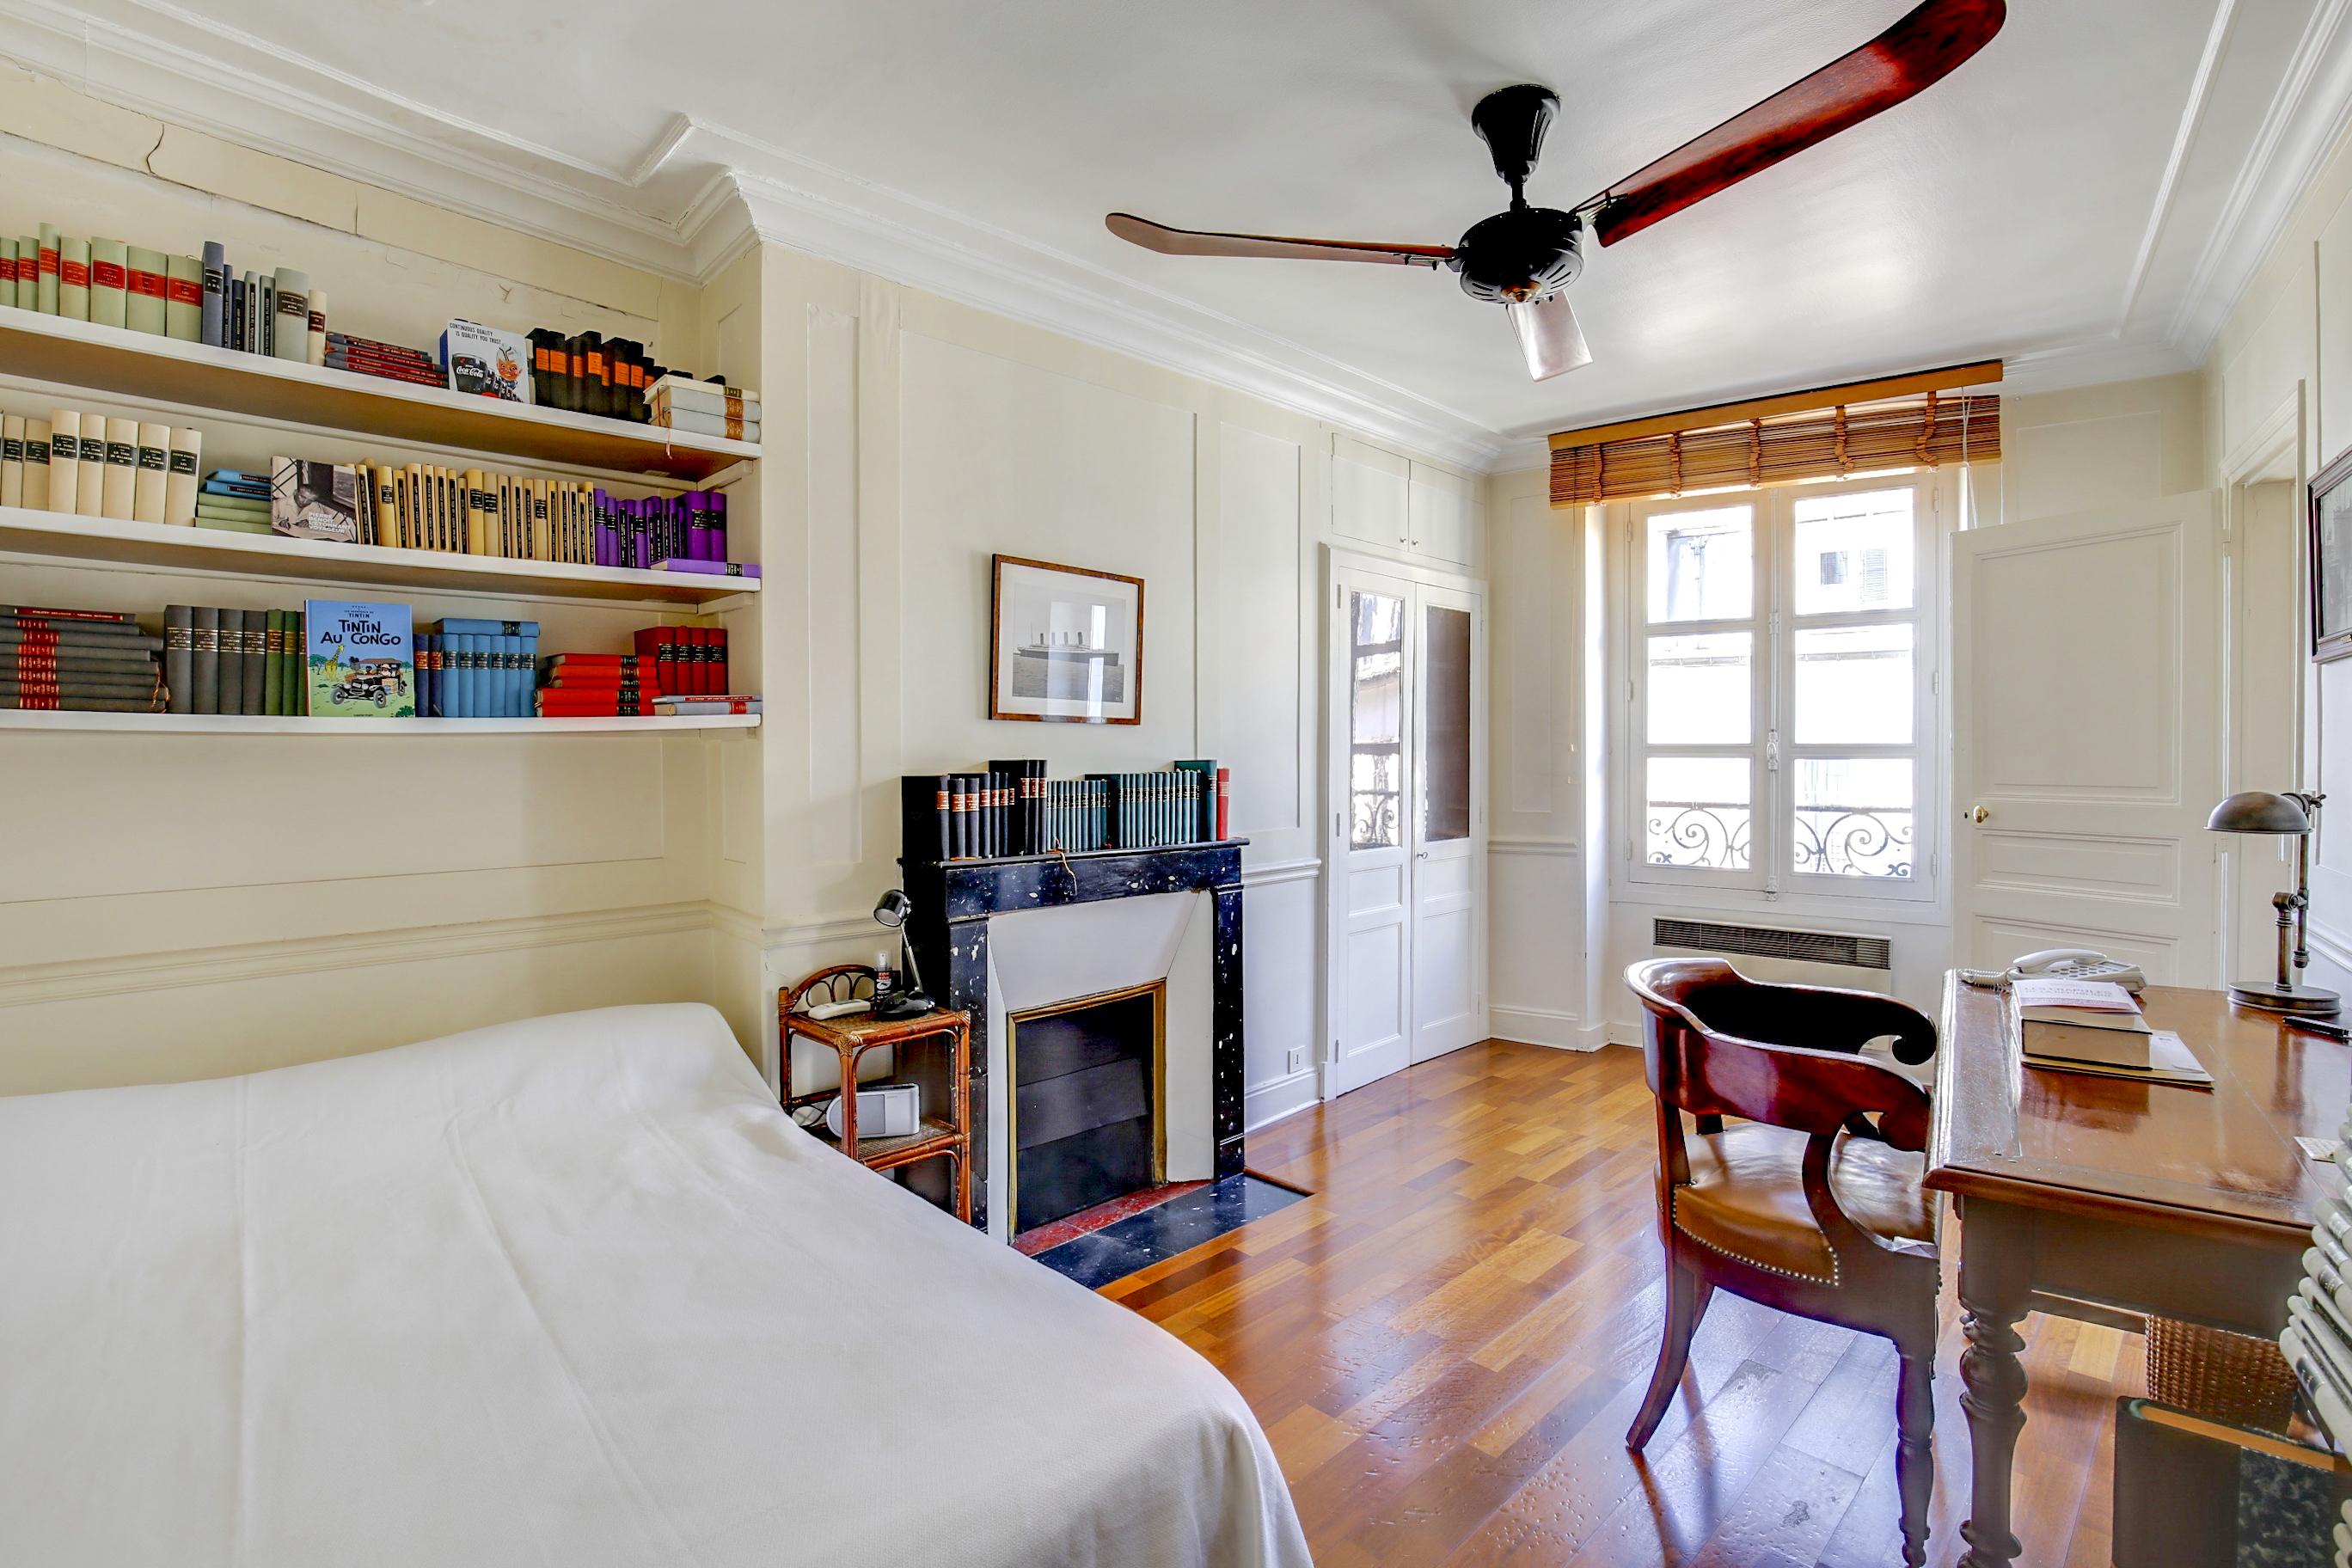 Agence-Leroy-Vente-2-pièces-rue-de-Bourgogne-75007-Paris-8004